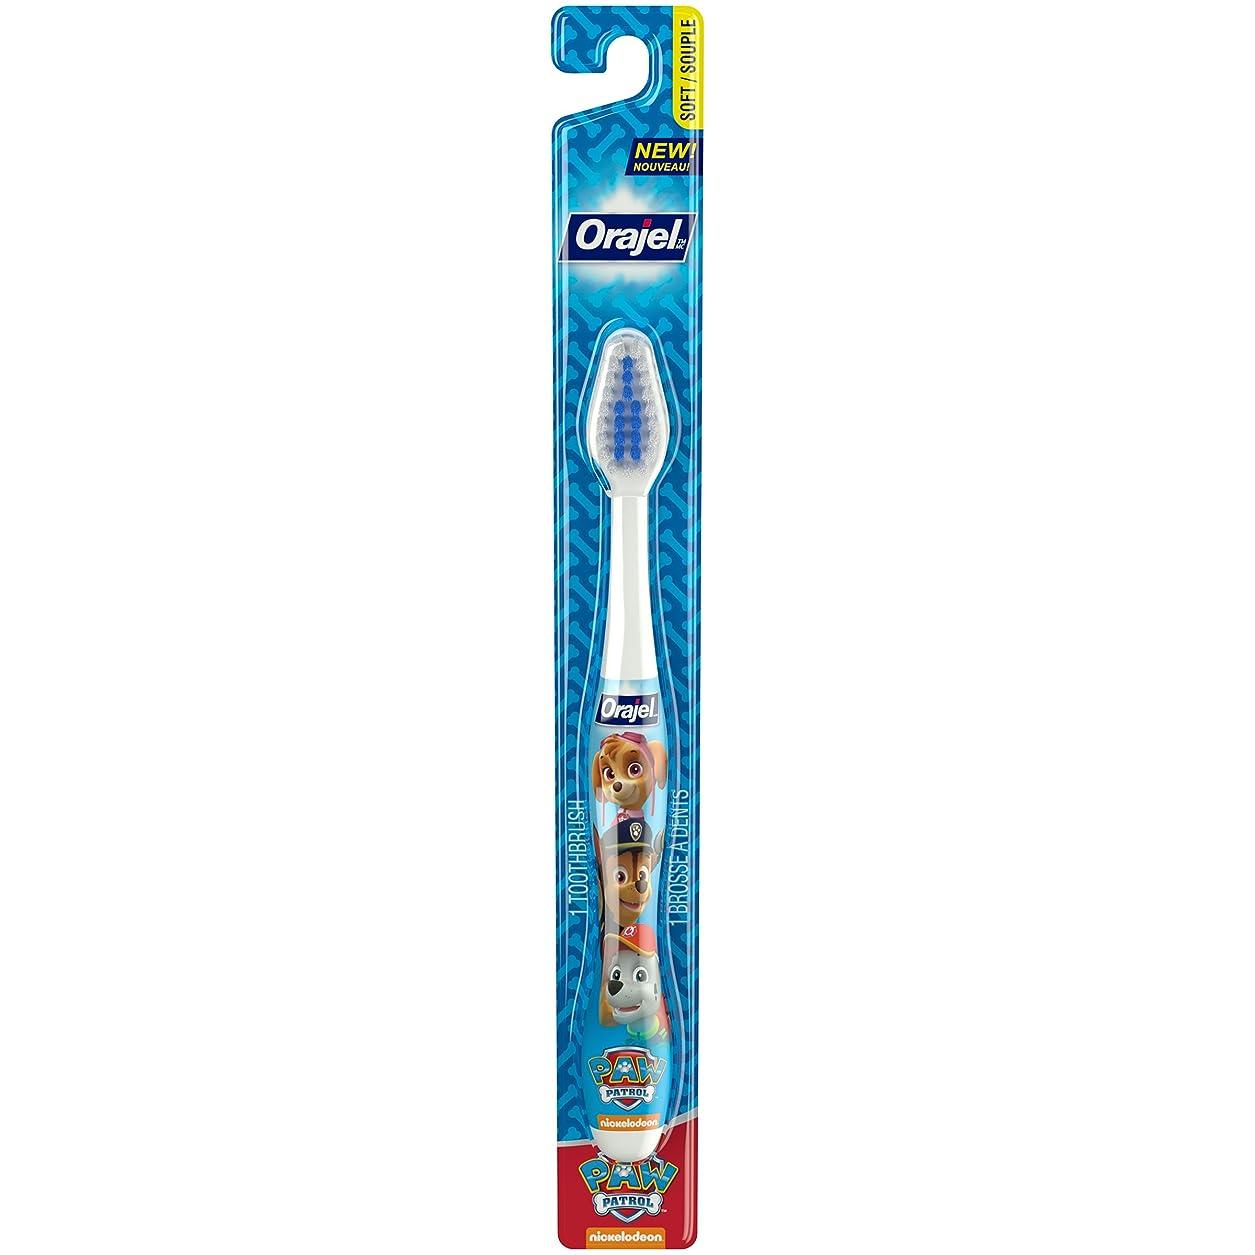 小人そして文Orajel ポウパトロール幼児の歯ブラシ